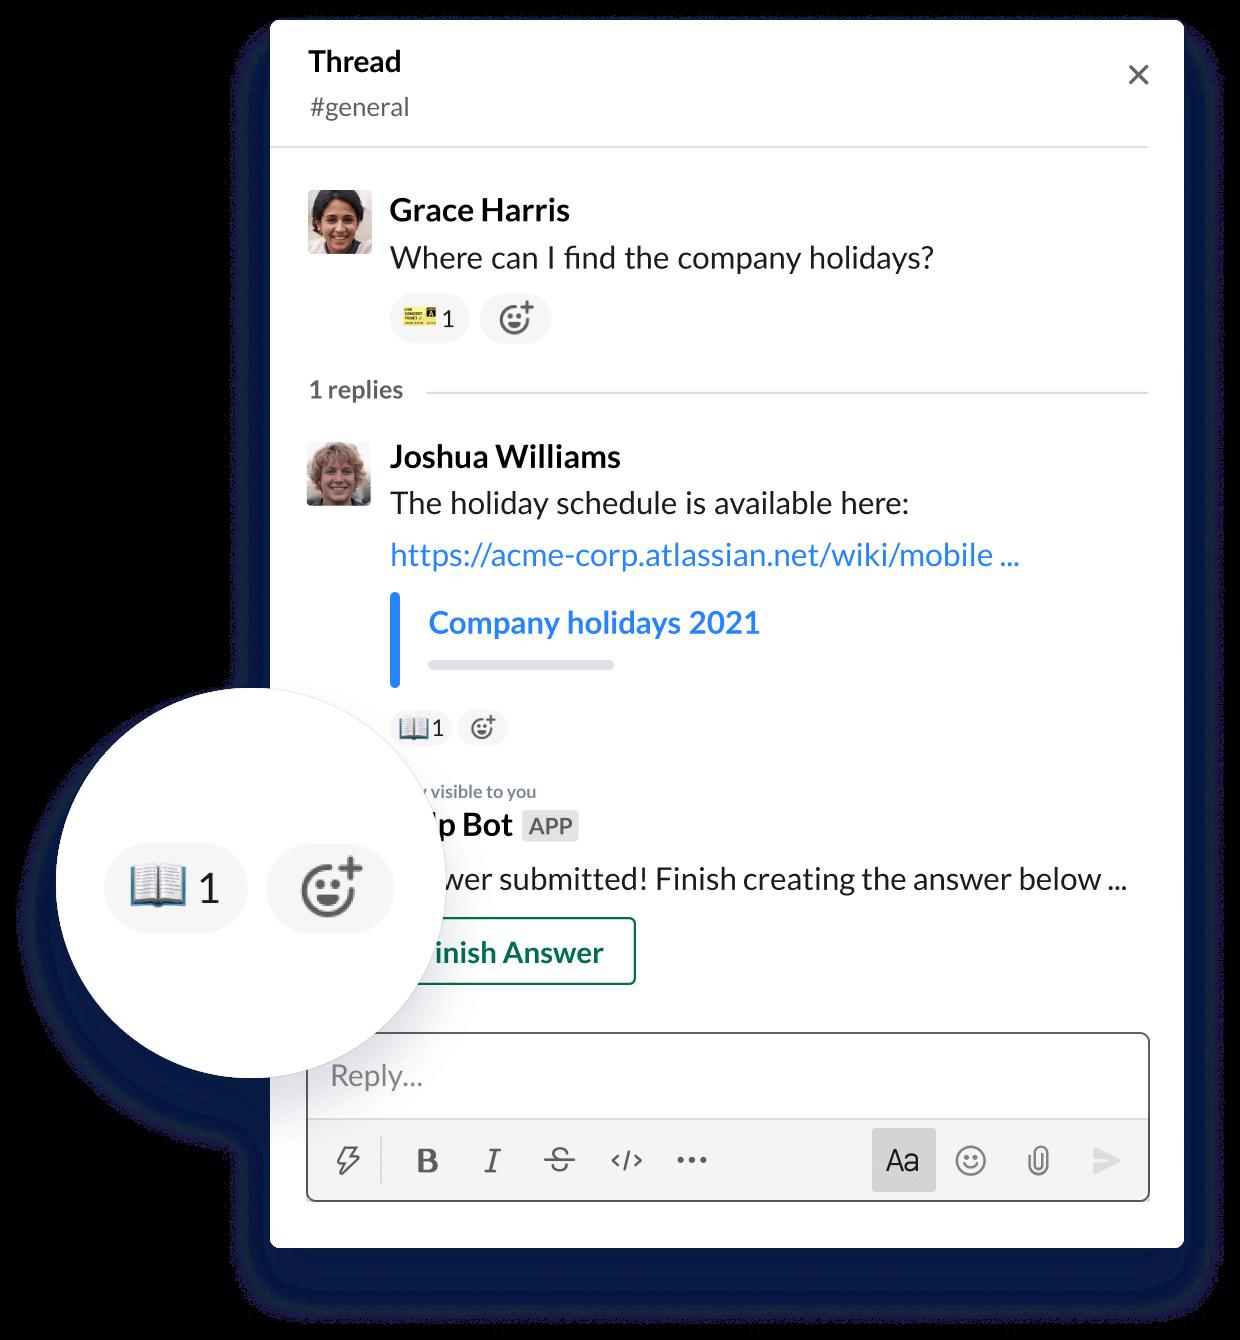 Transformez n'importe quel message en une réponse enregistrée